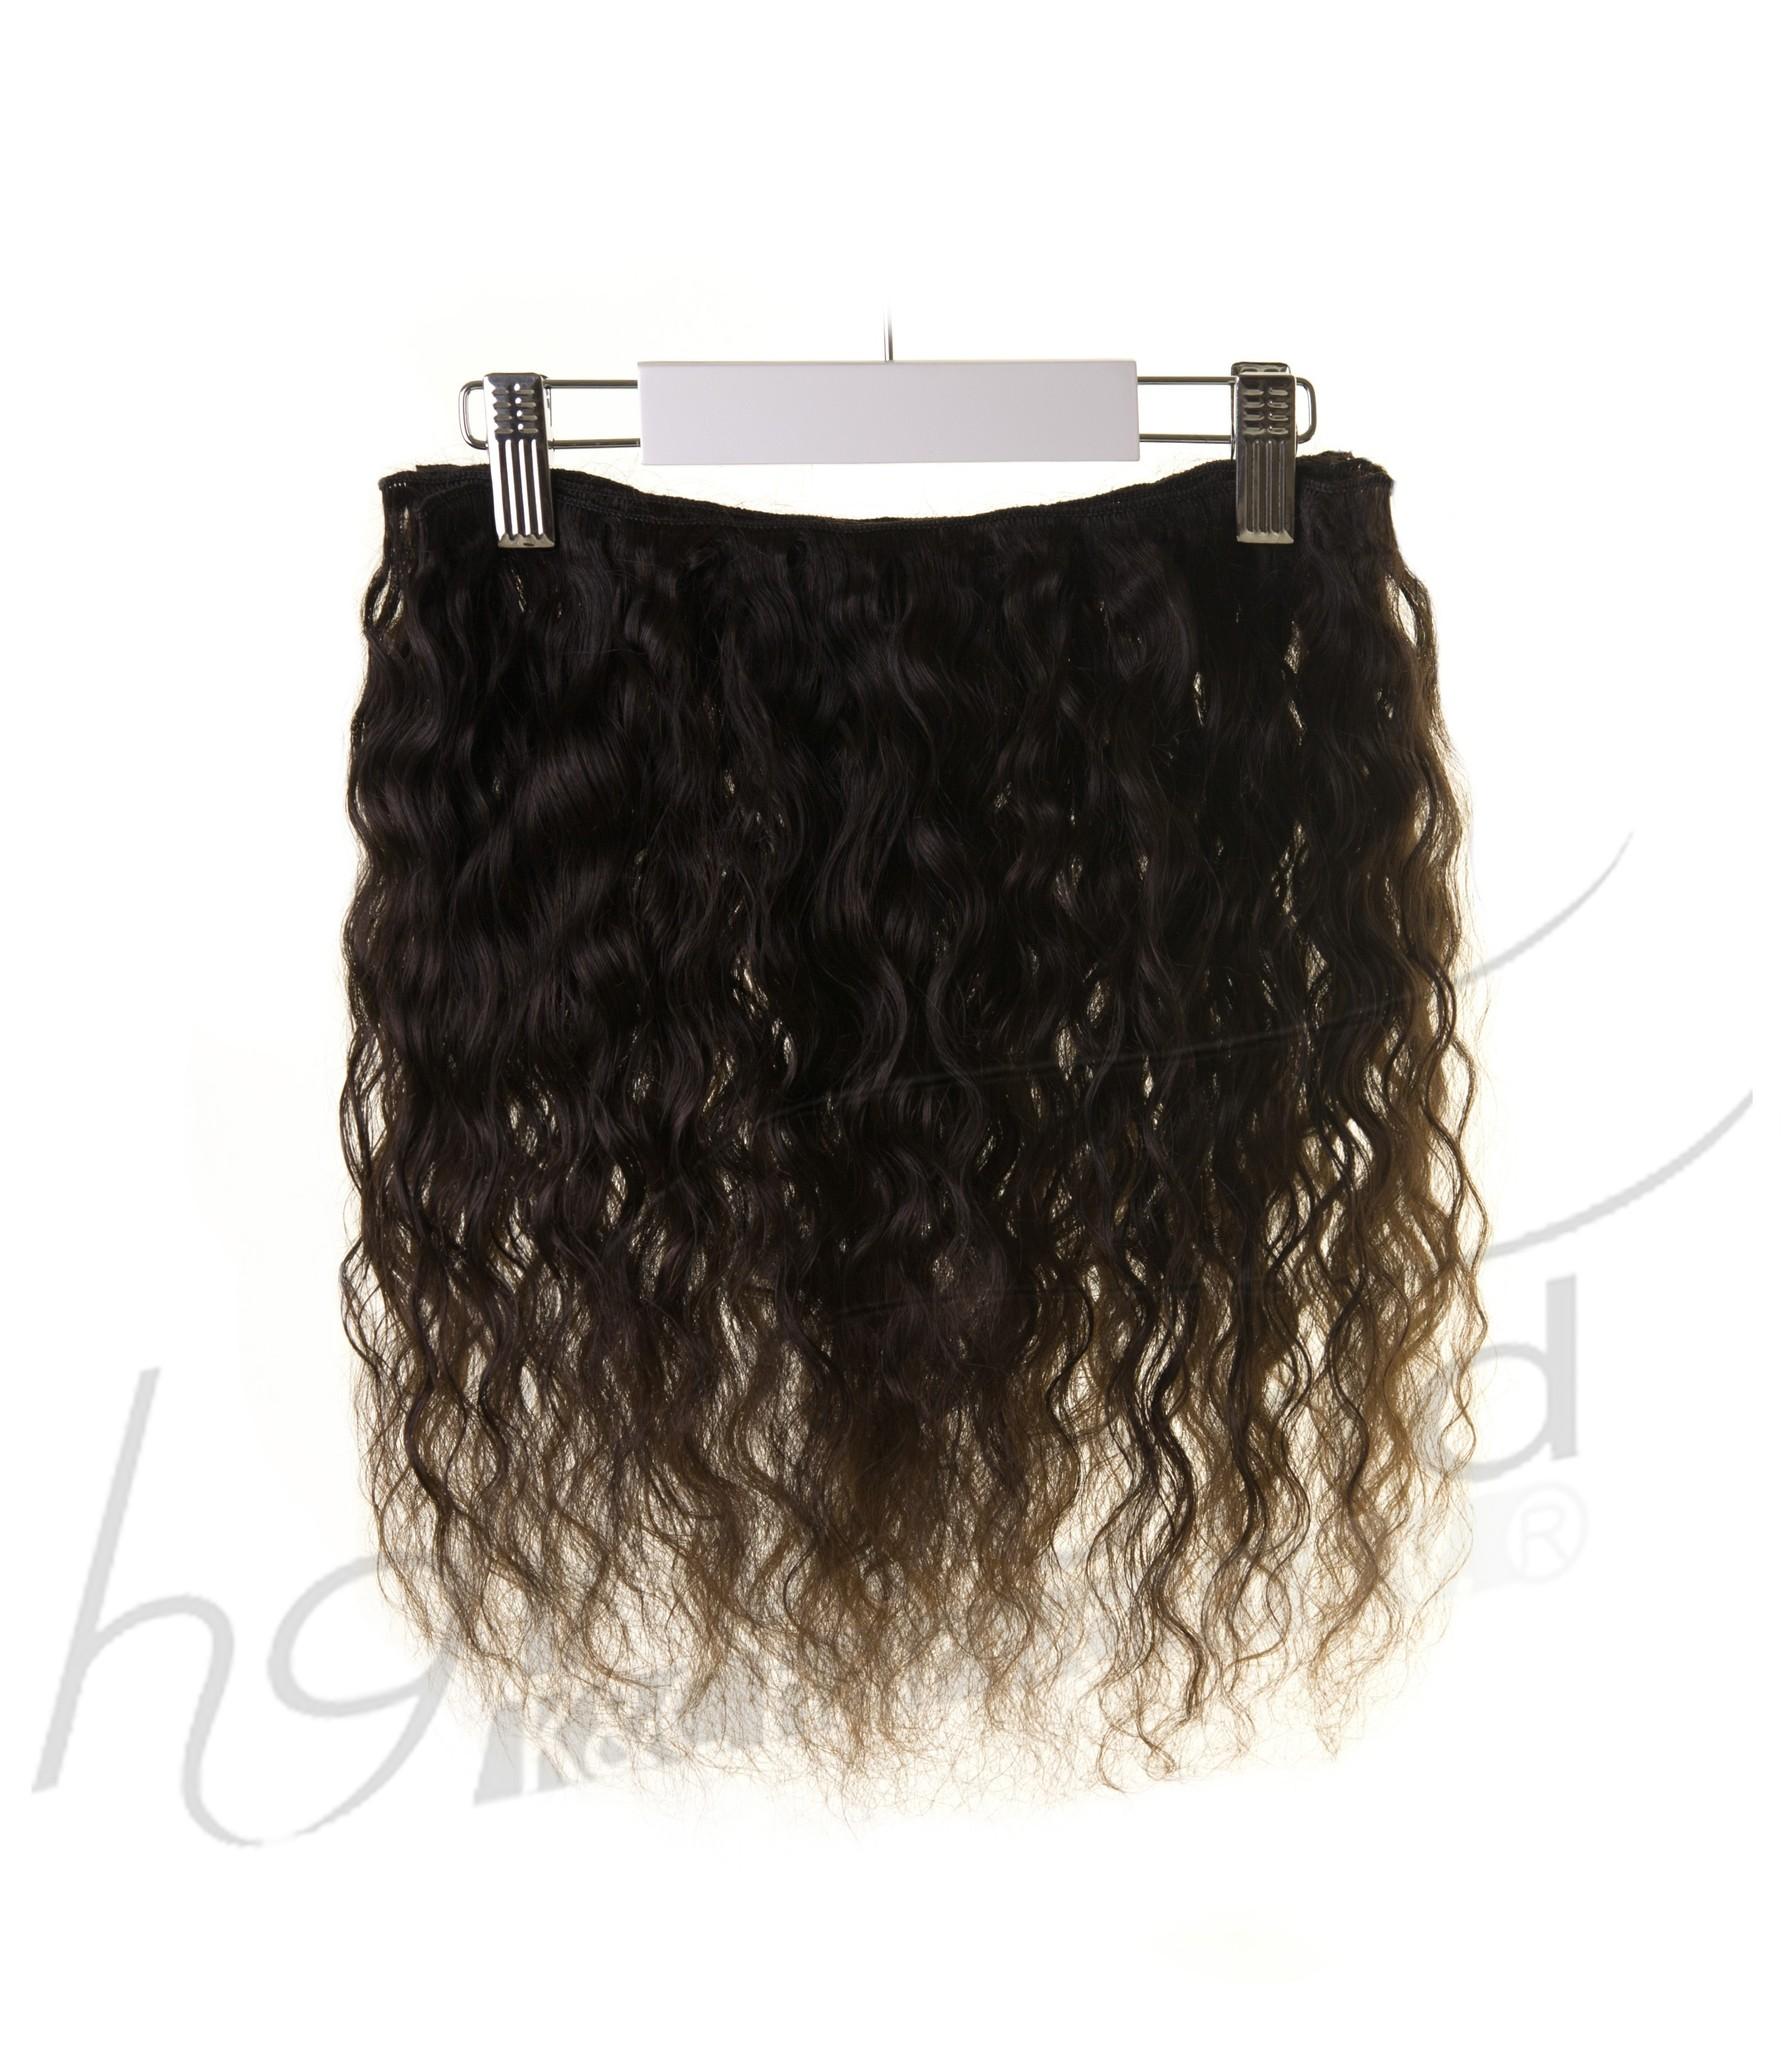 SilverFox Brazilian - Curly